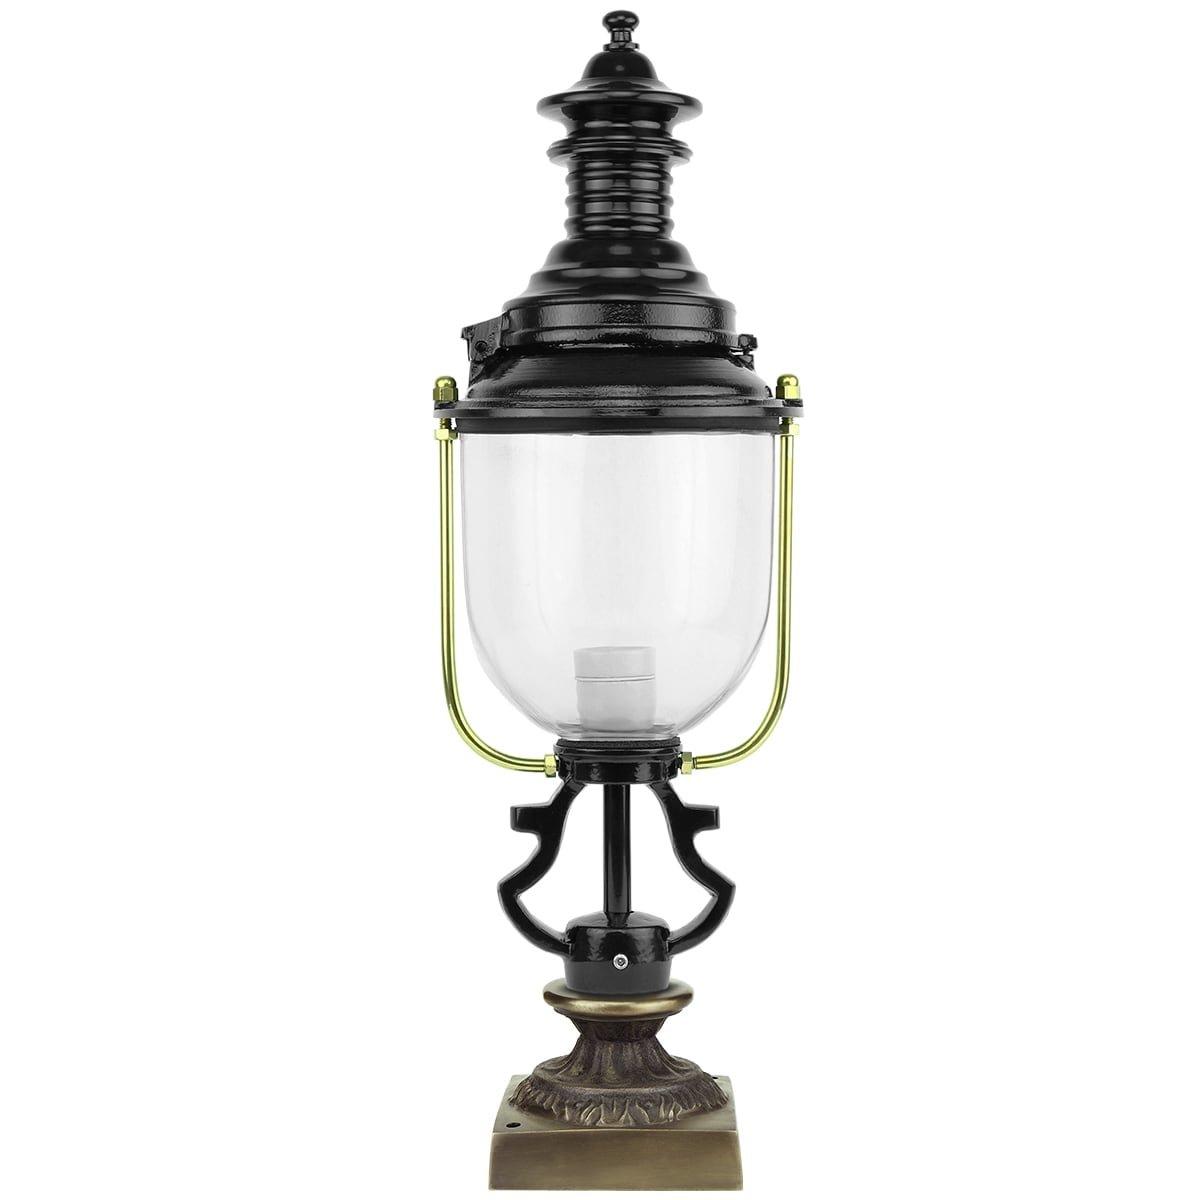 Buitenverlichting Klassiek Landelijk Buitenlamp sokkel Saasveld - 65 cm